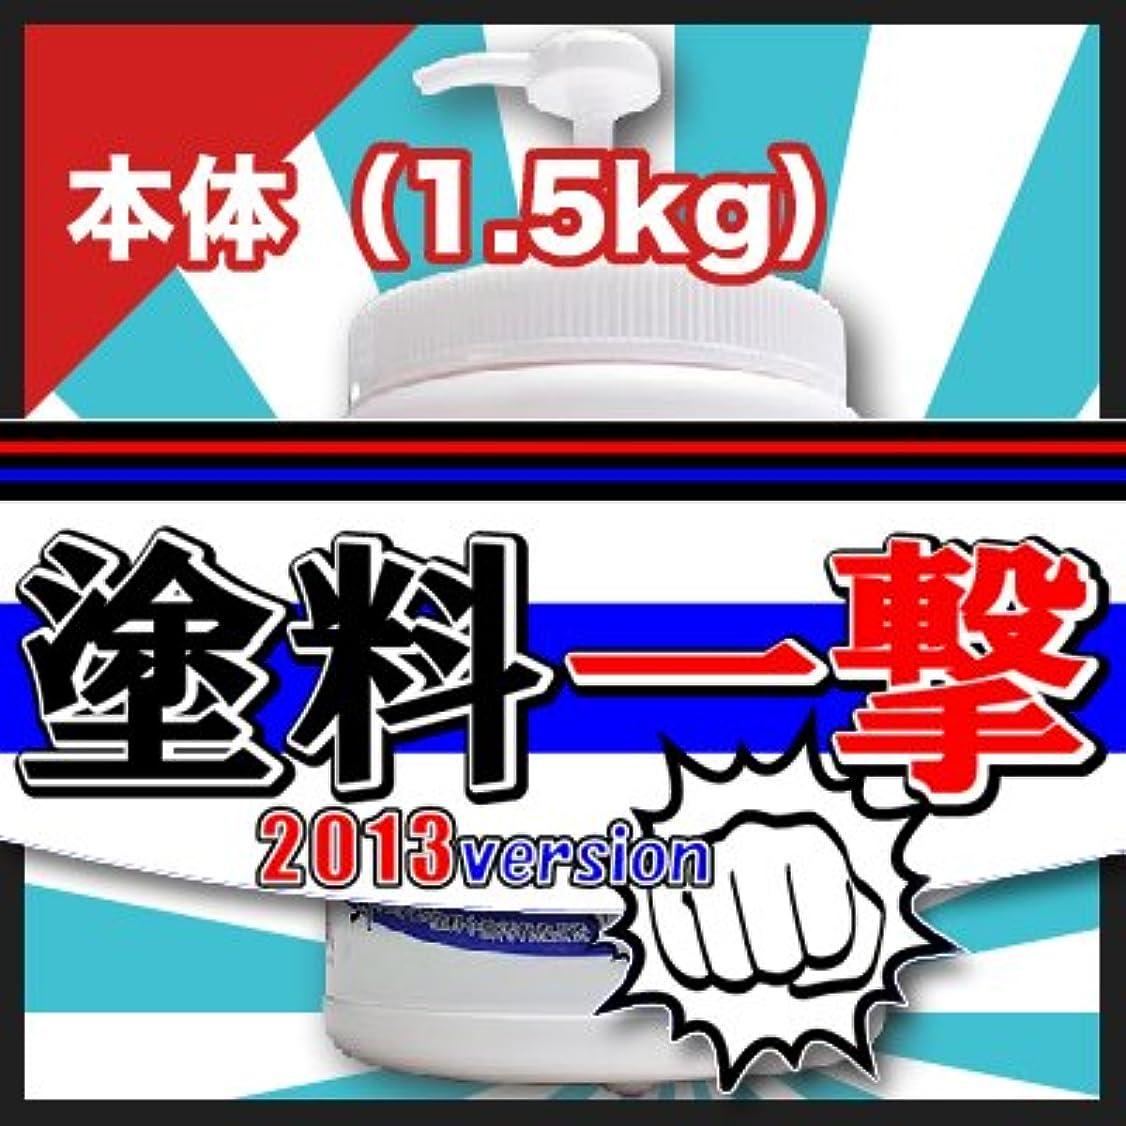 ペイント観光誘導D.Iプランニング 塗料一撃 2013 Version 本体 (1.5kg)